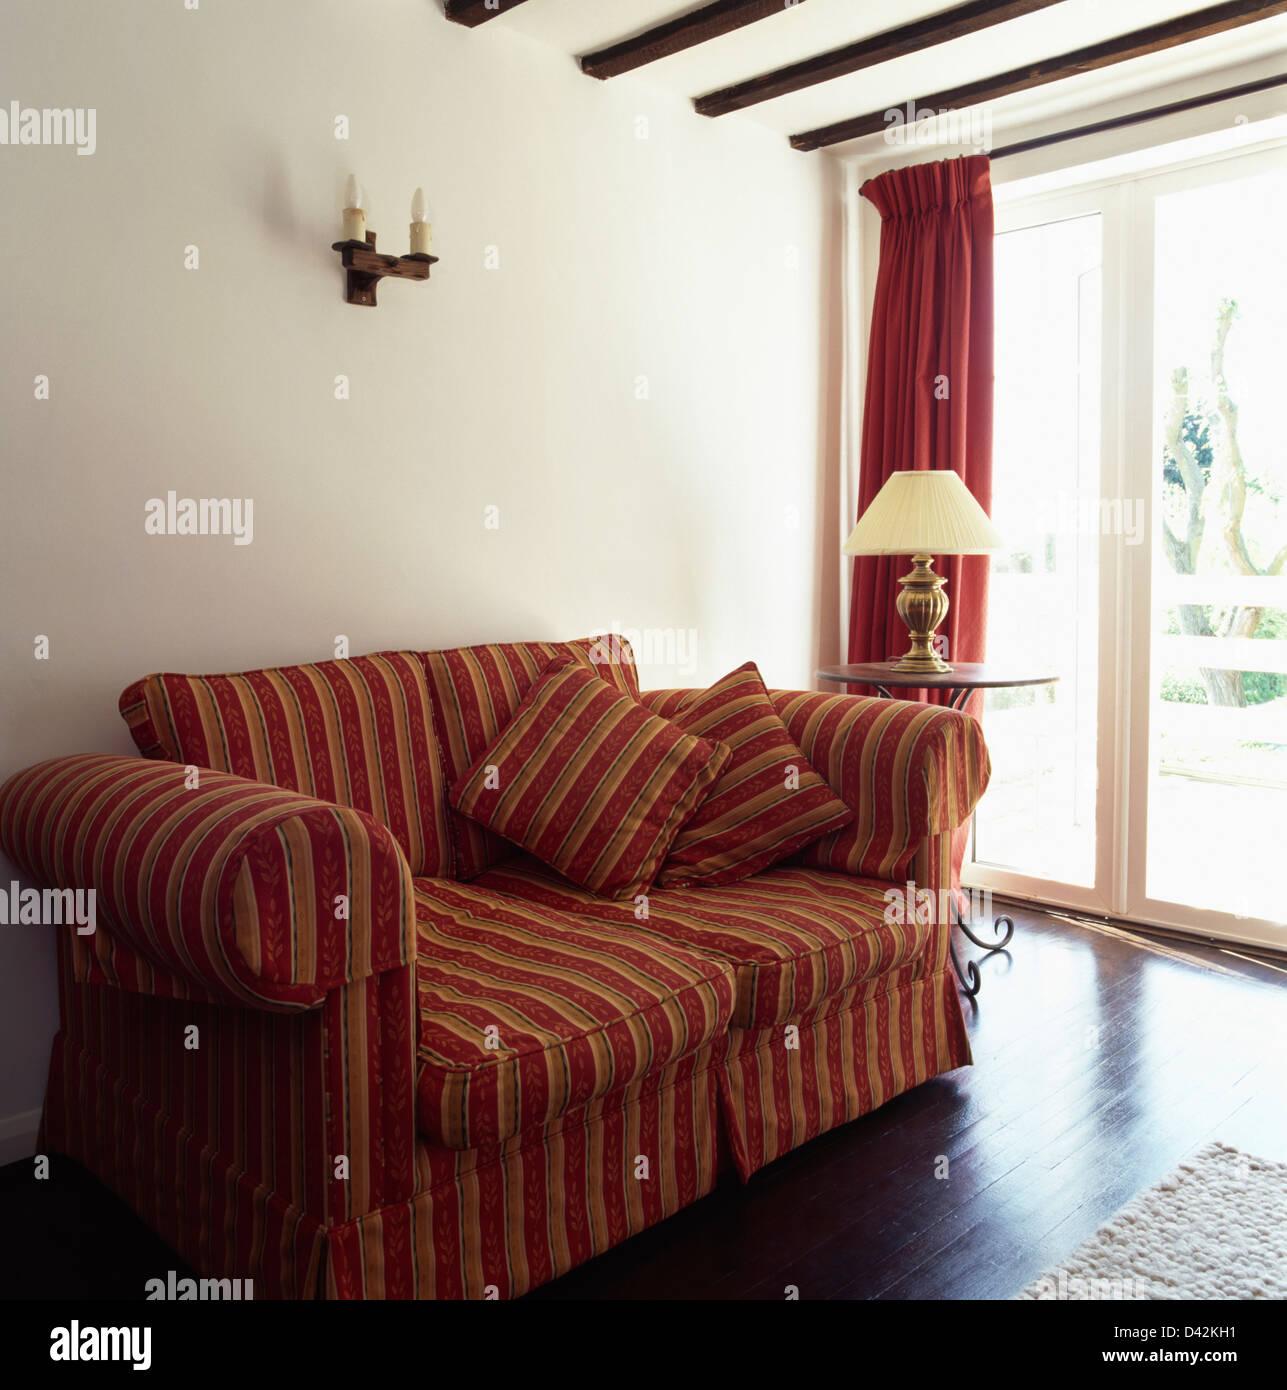 Rot + rosa gestreifte lose Abdeckung auf Sofa in einfachen weißen ...